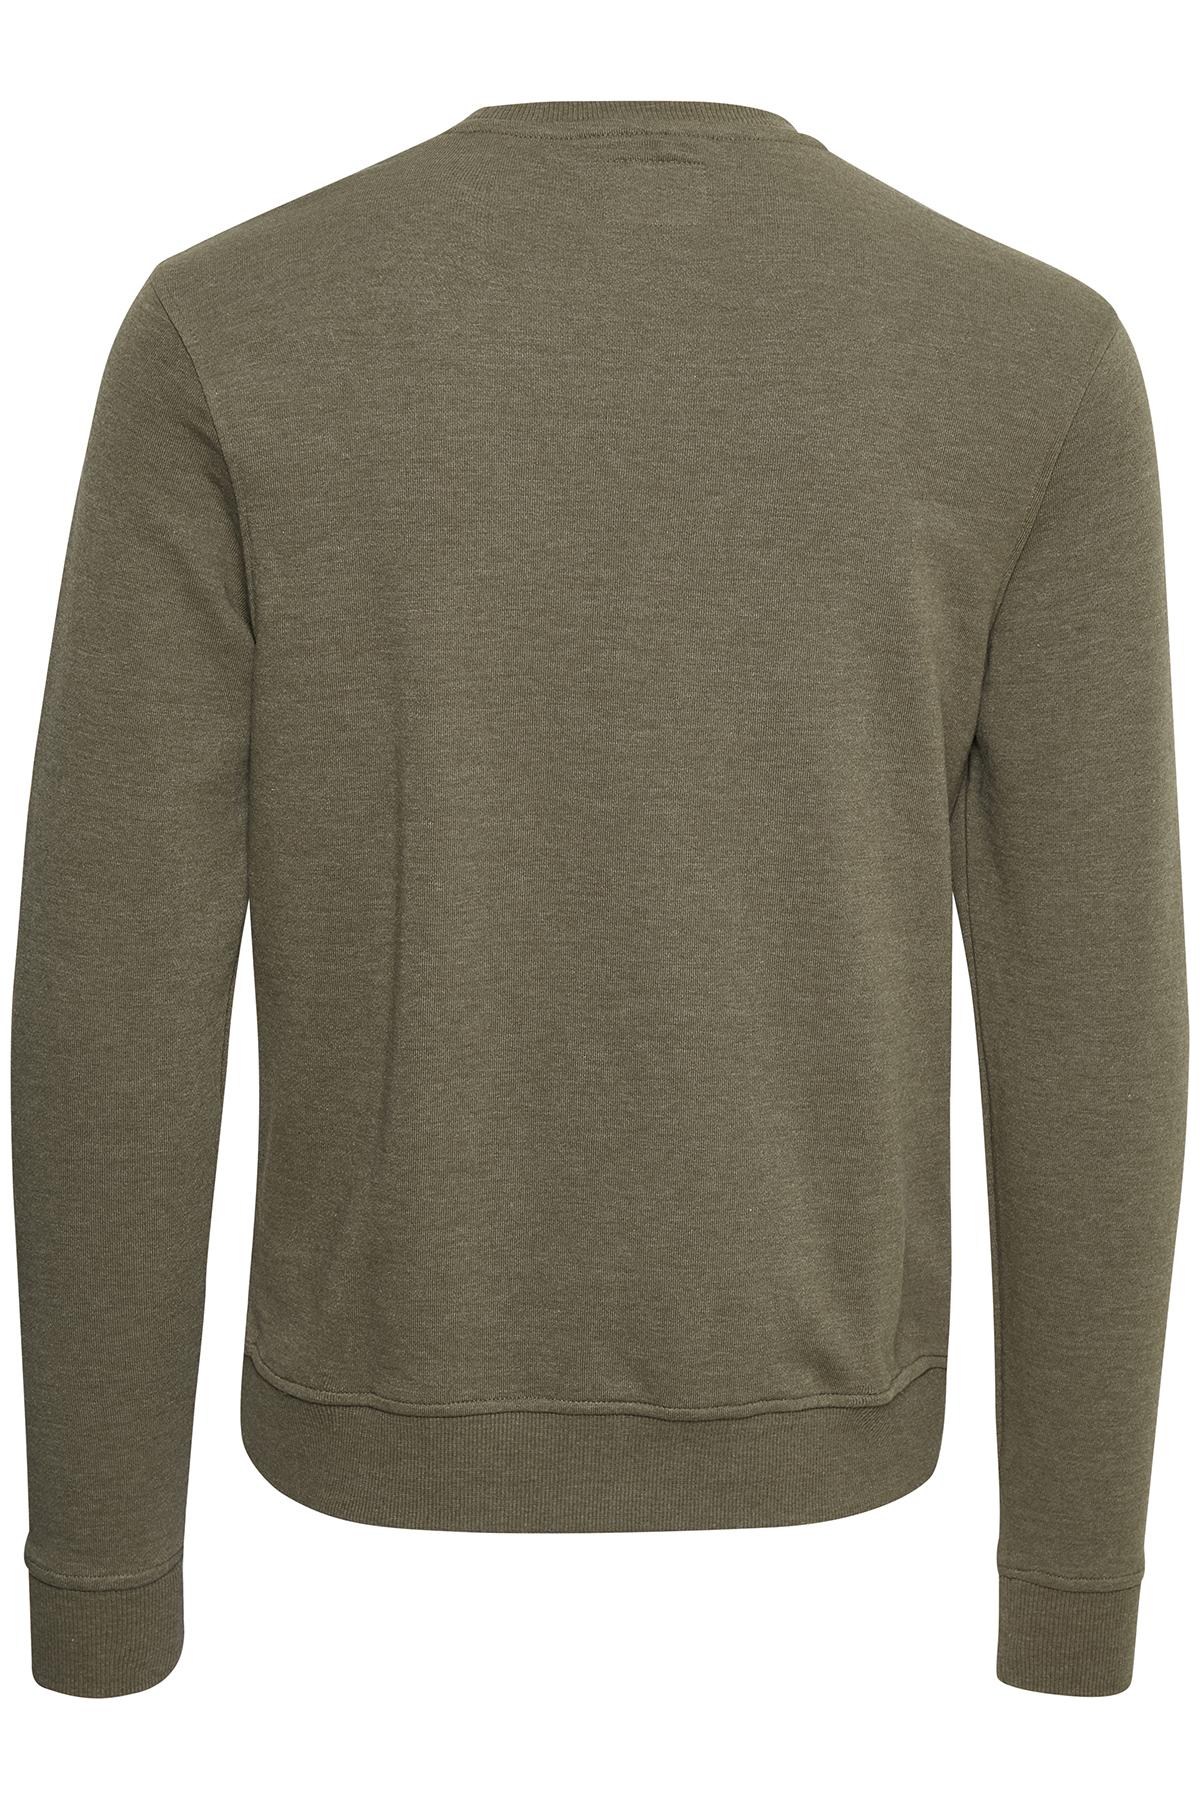 Dusty Olive Green Sweatshirt – Køb Dusty Olive Green Sweatshirt fra str. S-XXL her